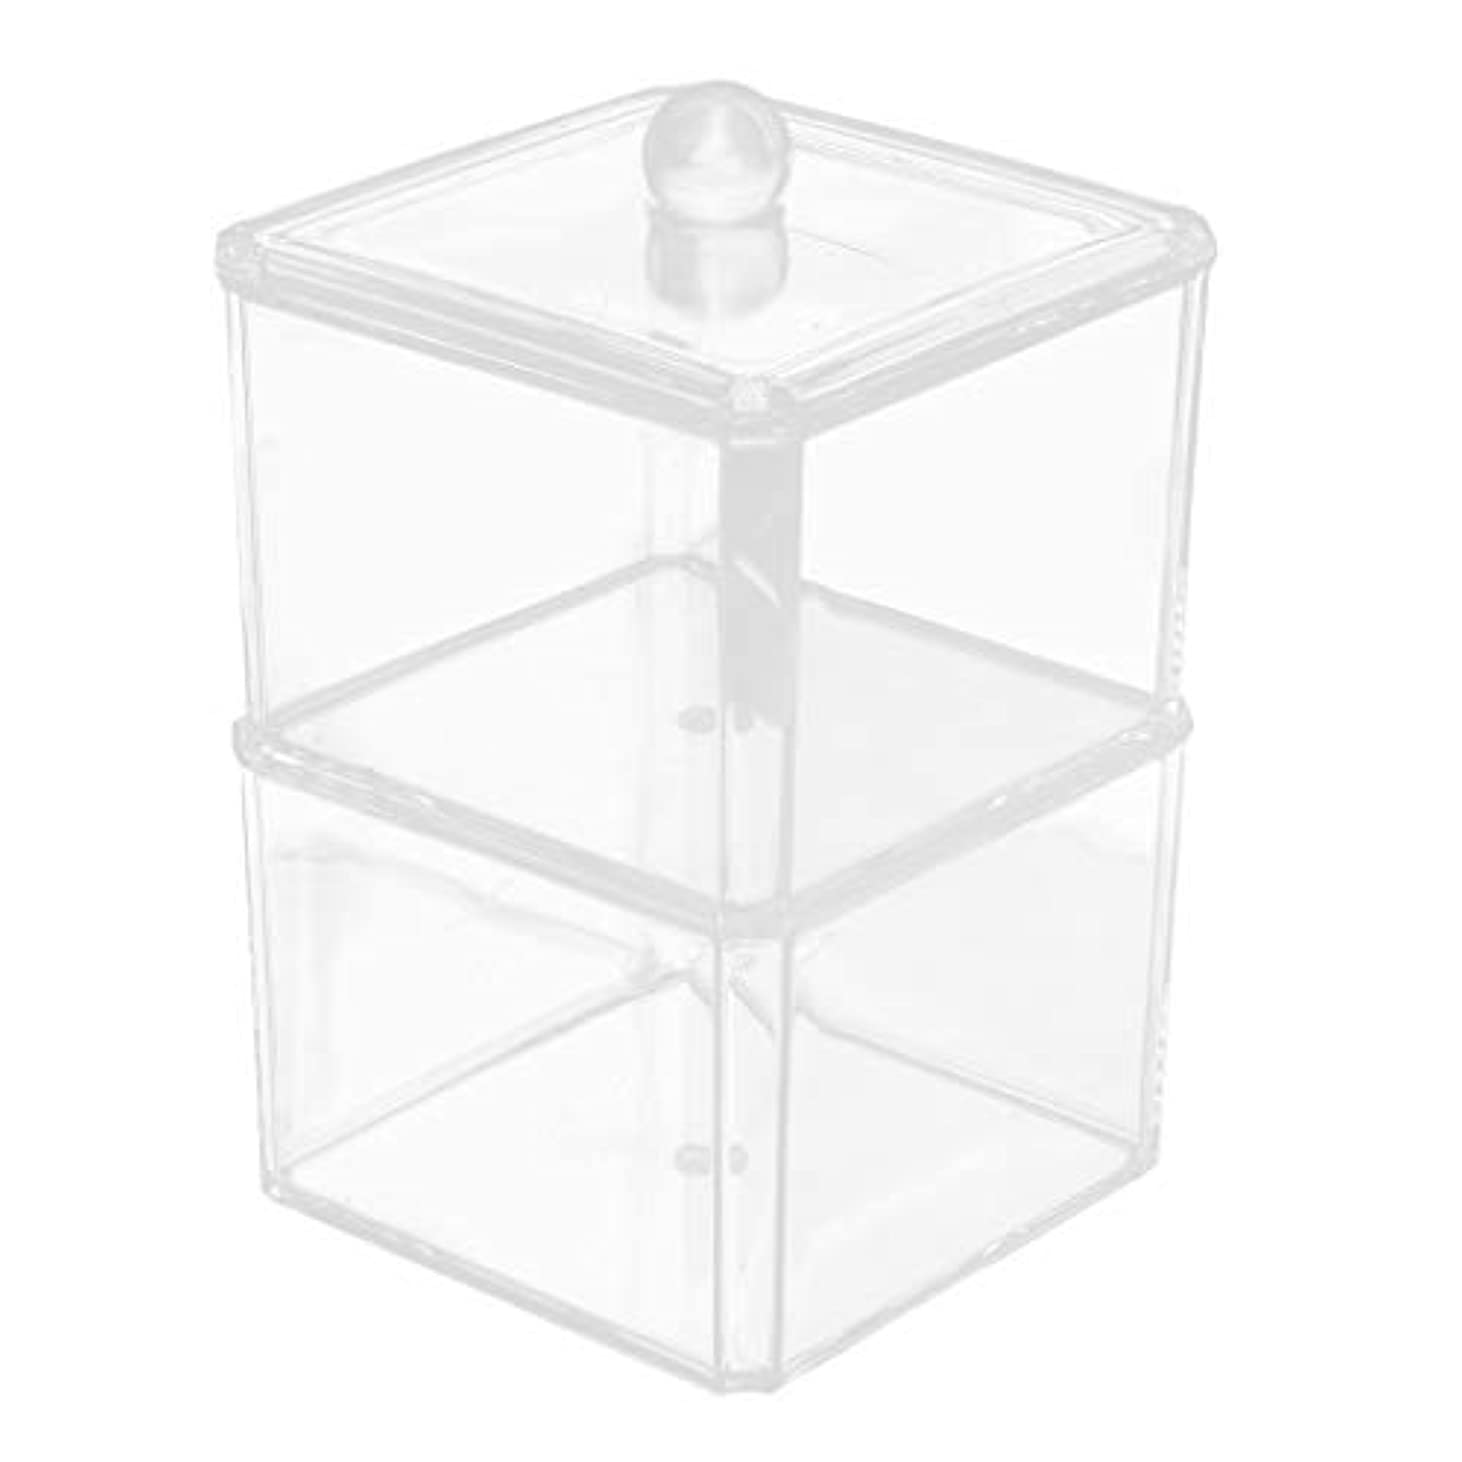 シビック天国確認B Blesiya メイク収納ボックス 綿棒 化粧品 コットンスティック ボックス 蓋付き 全7サイズ - C